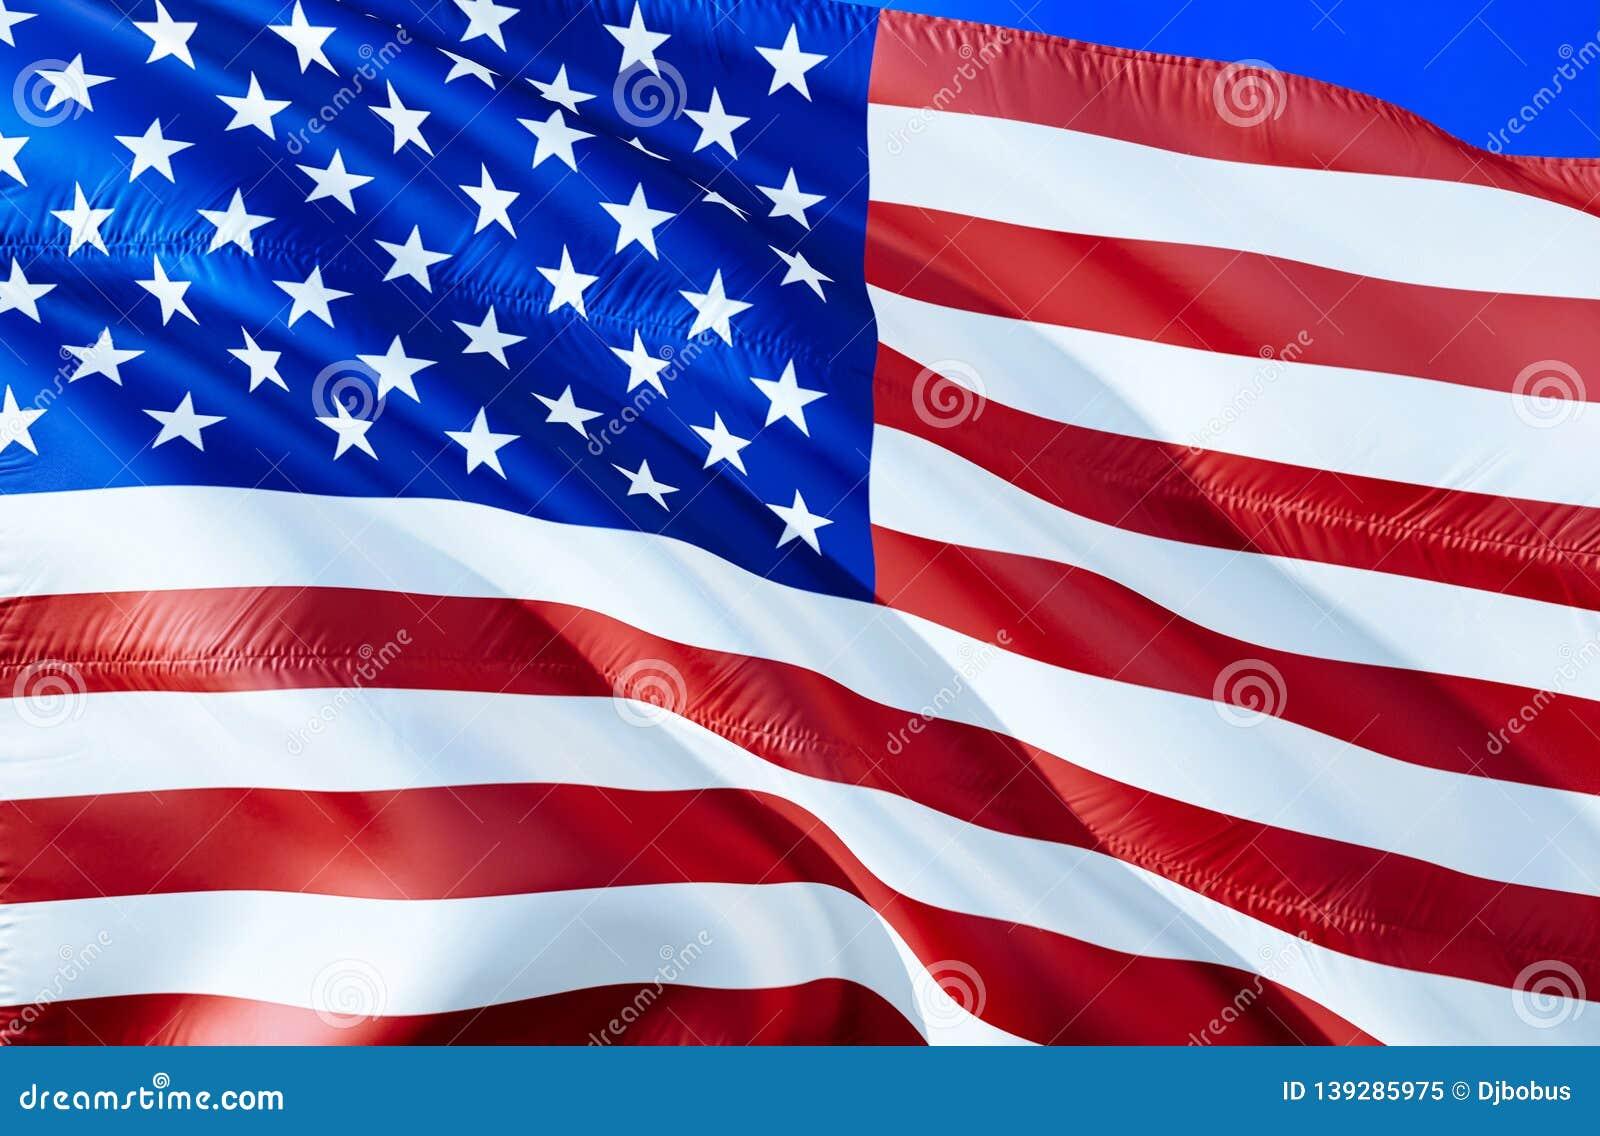 Usa bandery 3D falowania flaga projekt Krajowy symbol usa, 3D rendering Stany Zjednoczone obywatela kolory Flaga państowowa usa w